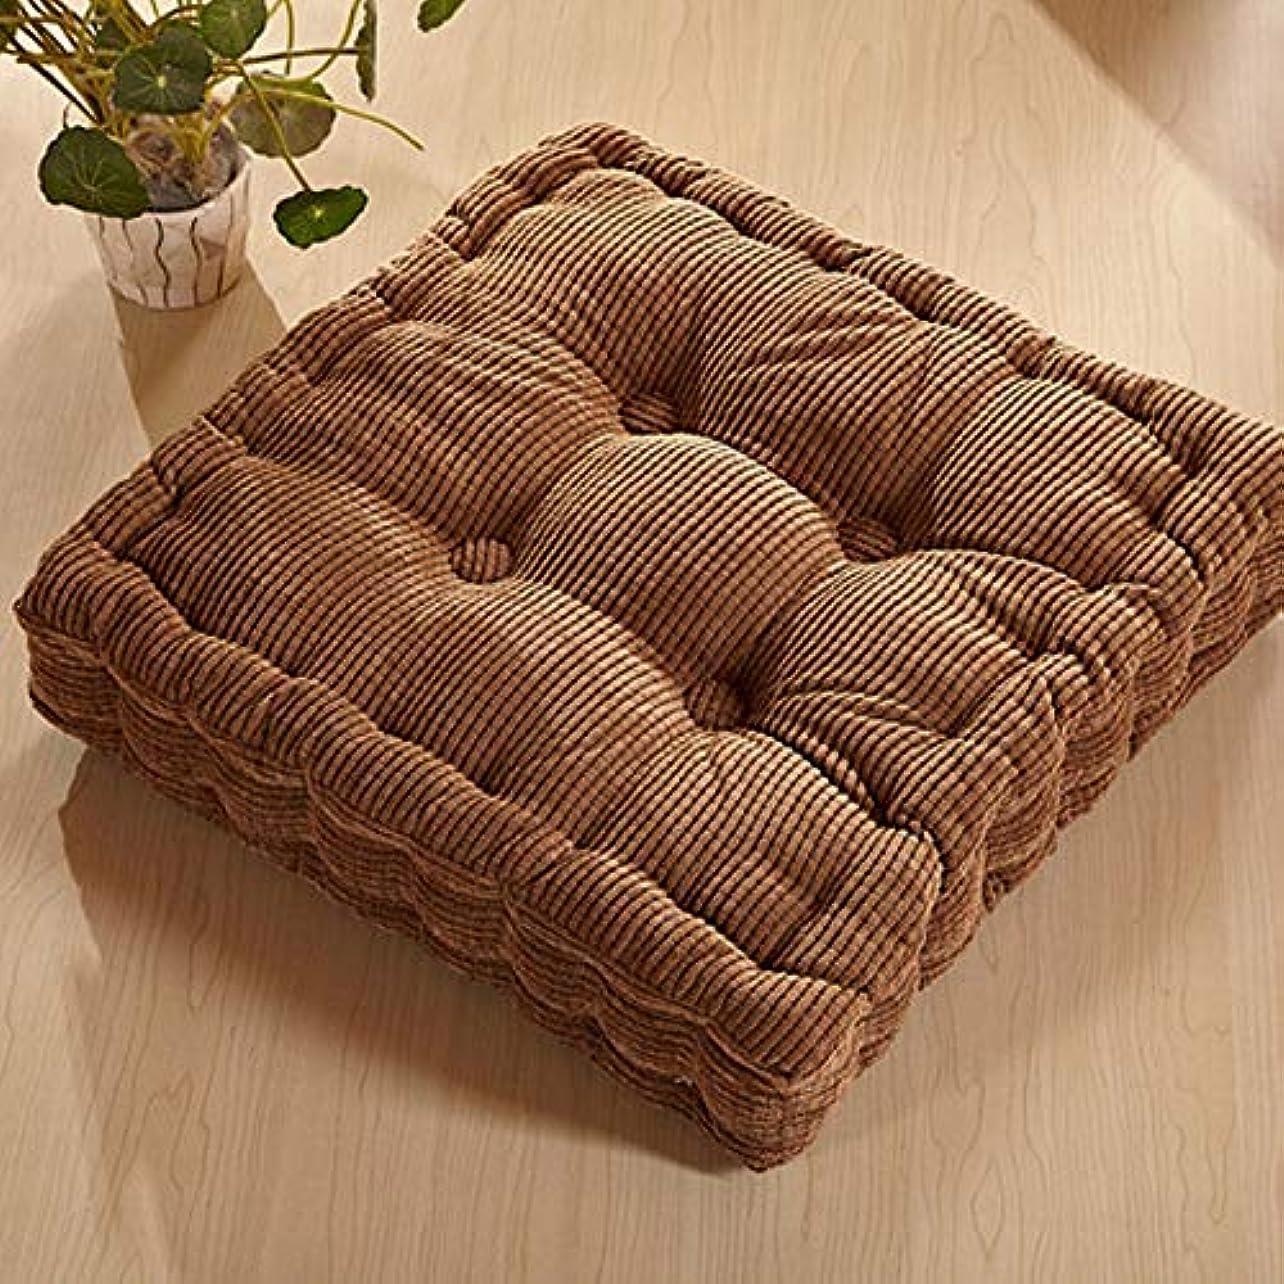 ローラーまとめる神のLIFE 肥厚トウモロコシの穂軸畳クッションオフィスチェアクッションソファクッション生地チェアクッションカーシートクッション クッション 椅子